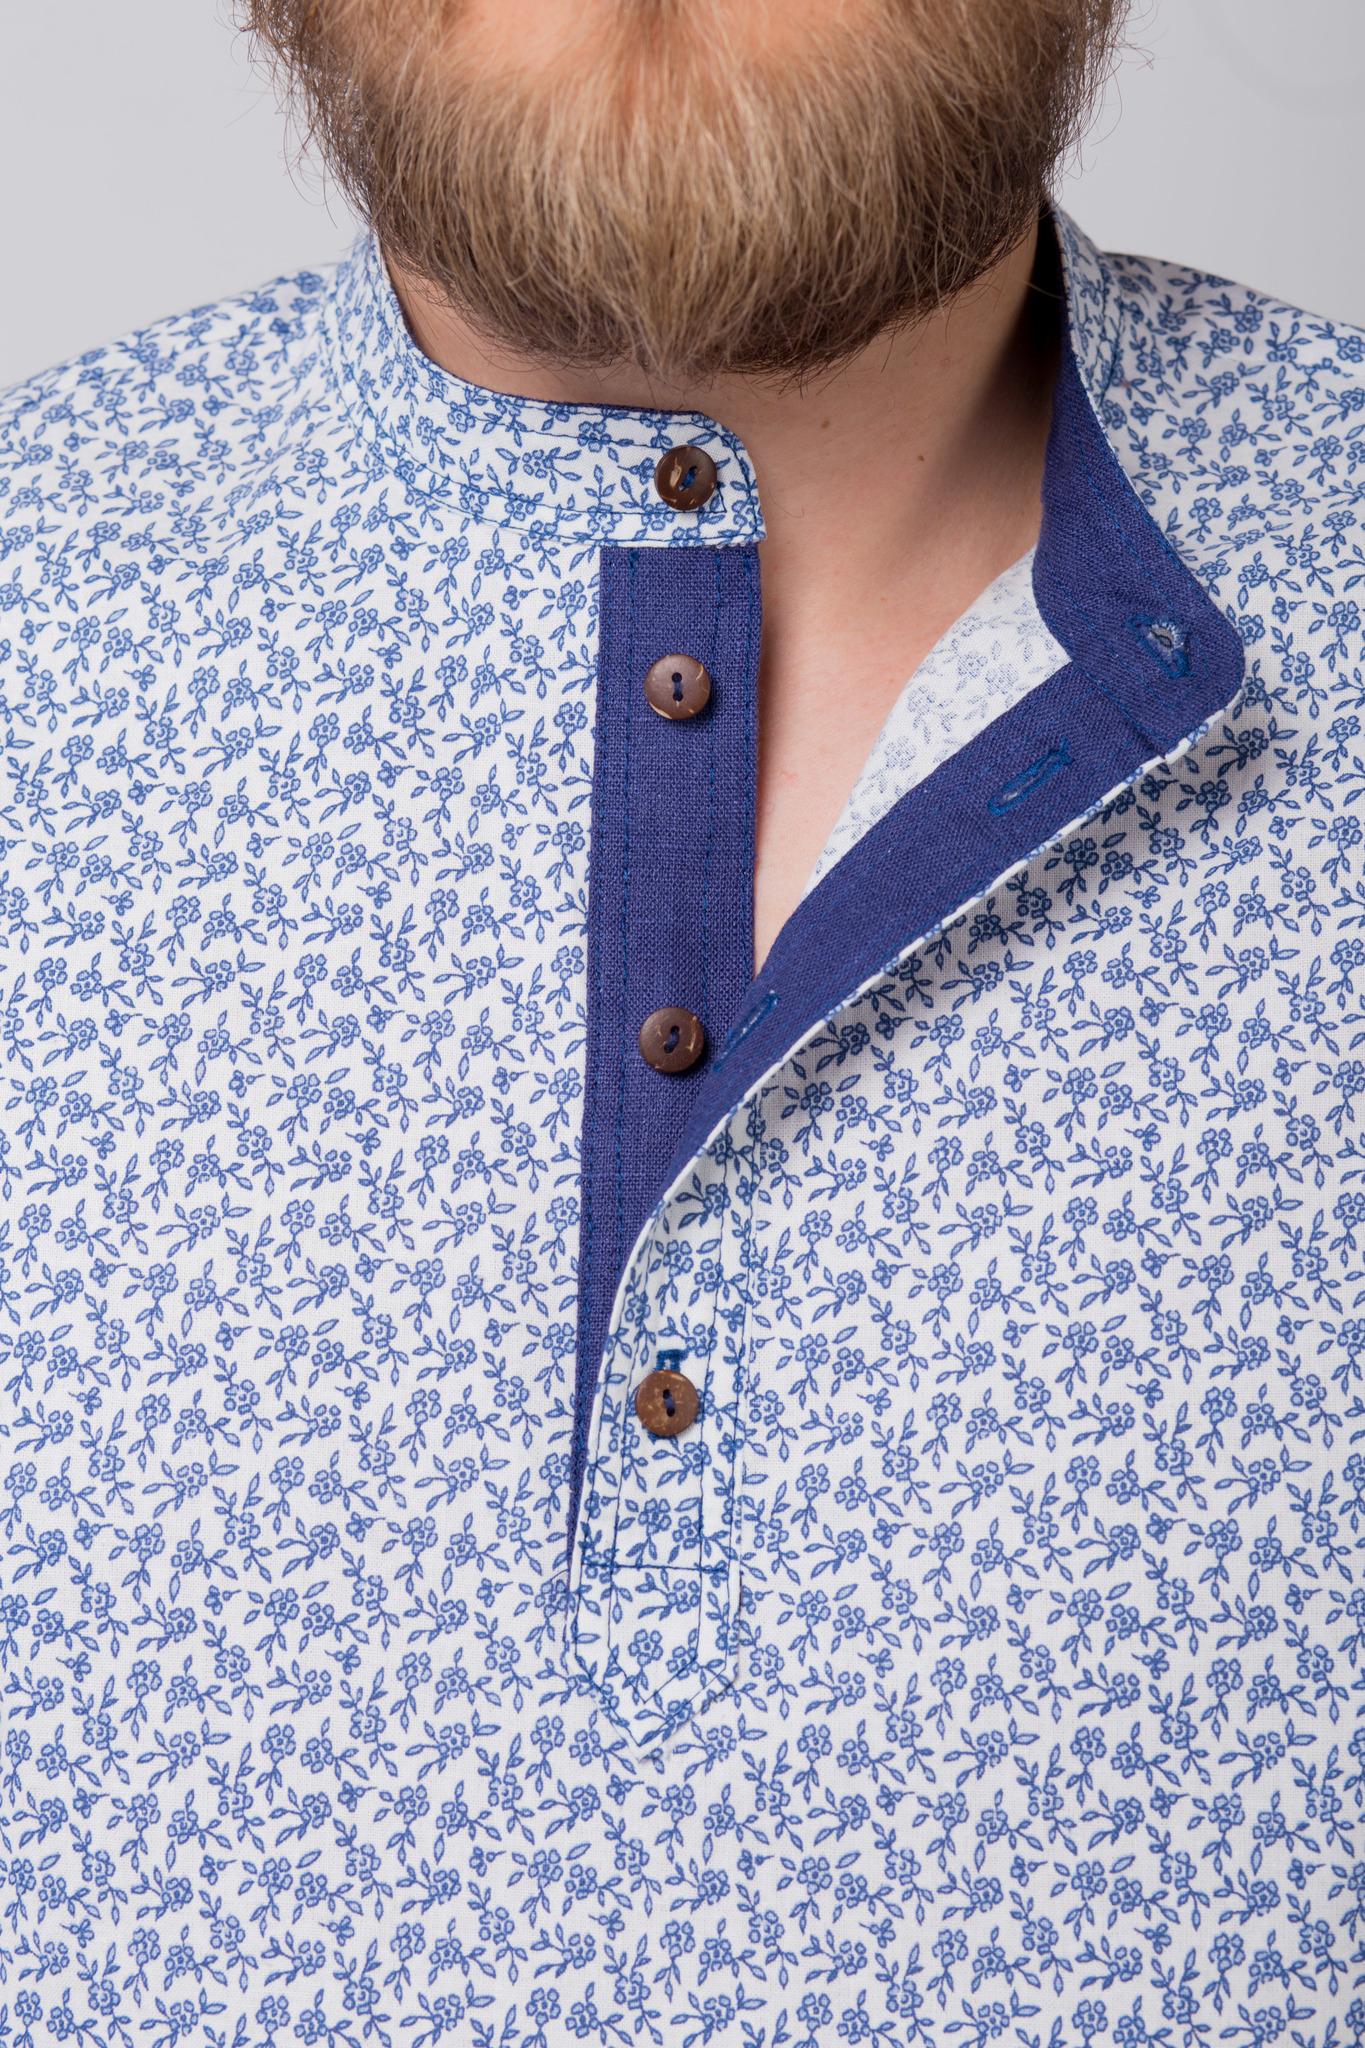 Рубашка льняная Енисейская приближенный фрагмент